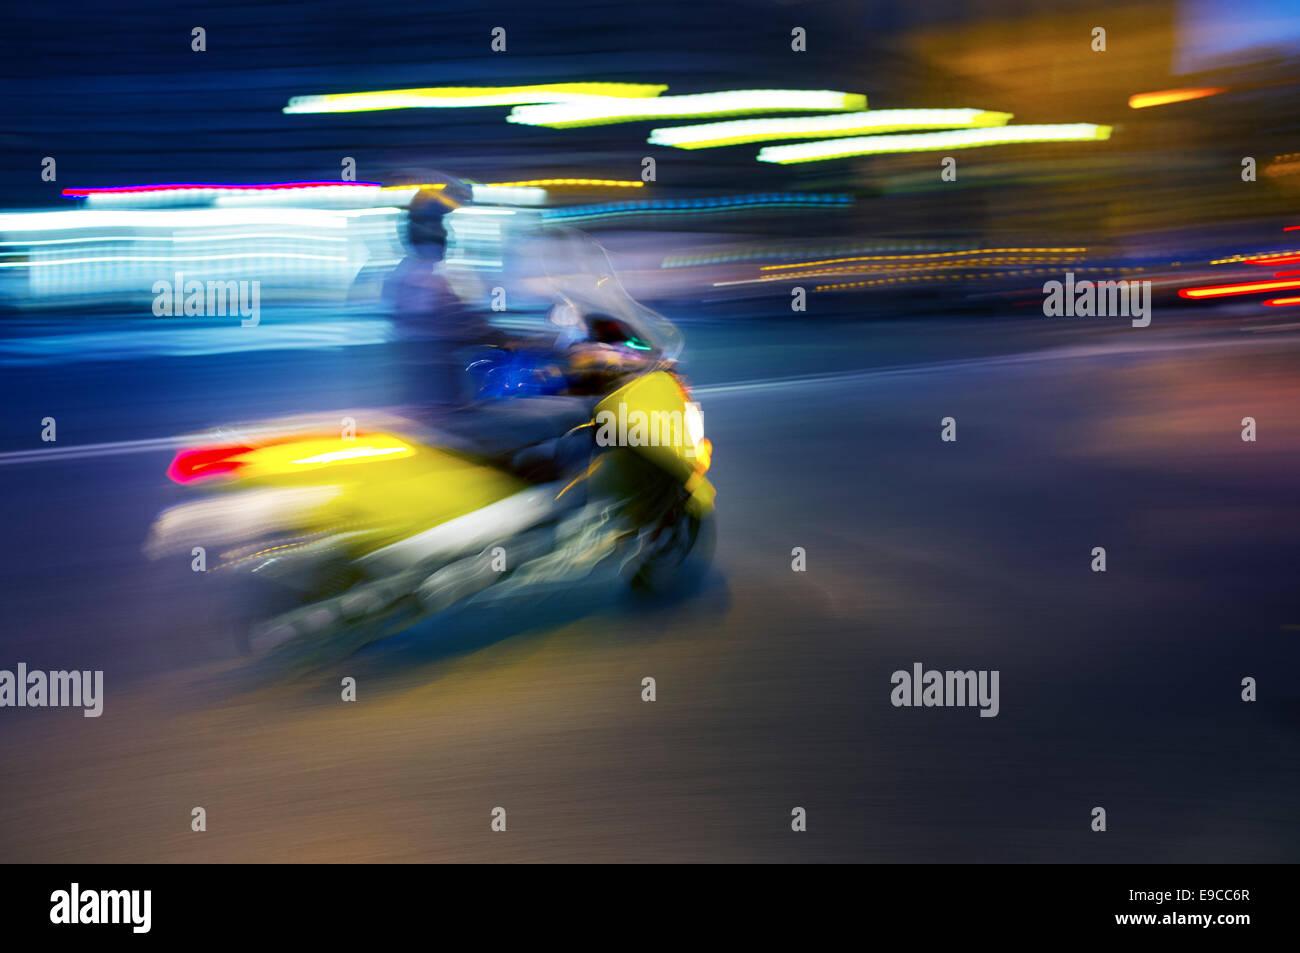 Abstract immagini sfocate di uno scooter guidare di notte. Immagini Stock